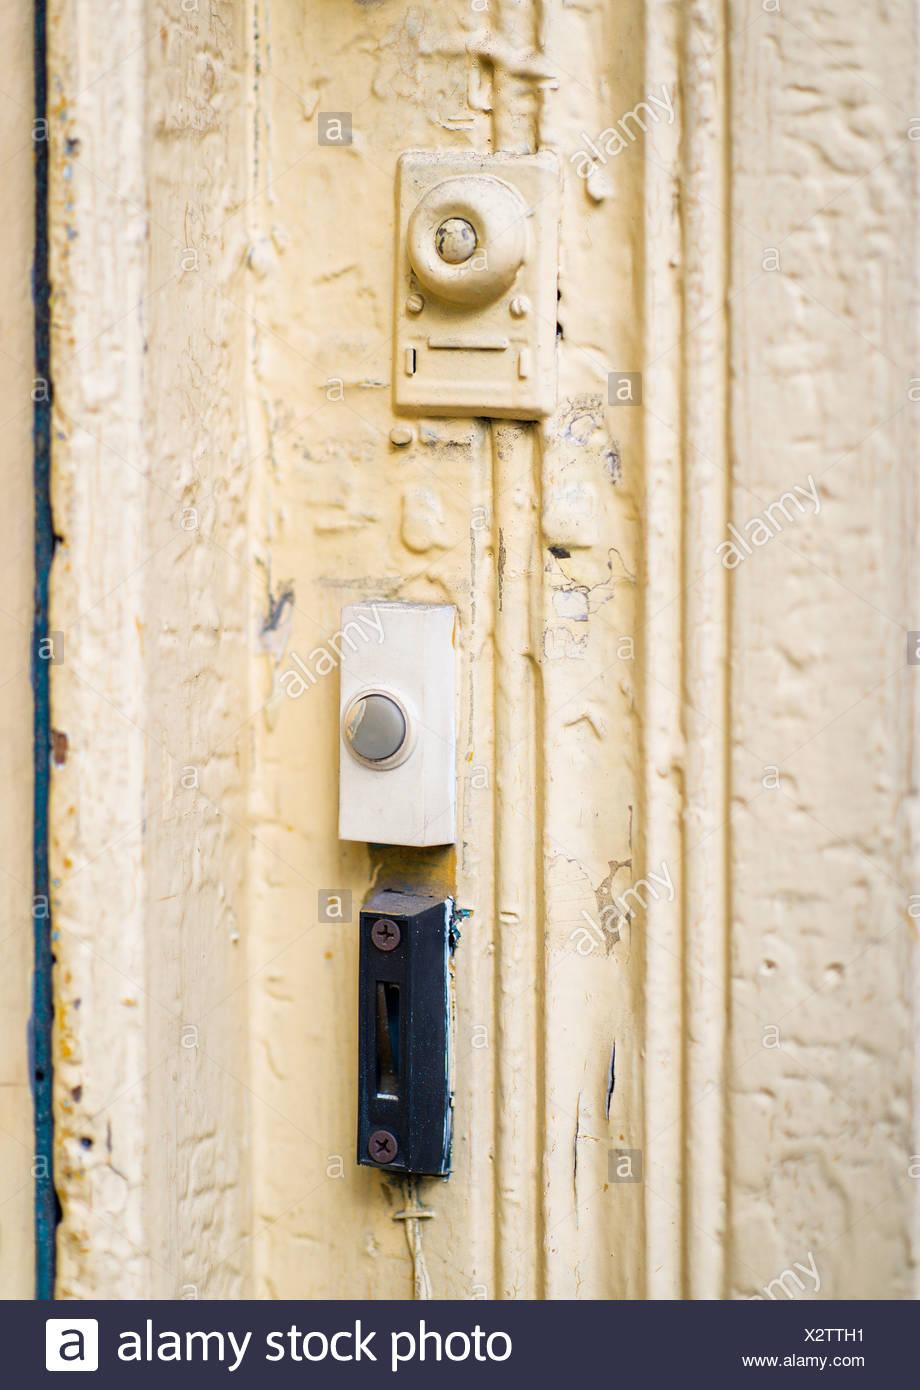 Los zumbadores de timbre en una puerta del apartamento. Imagen De Stock